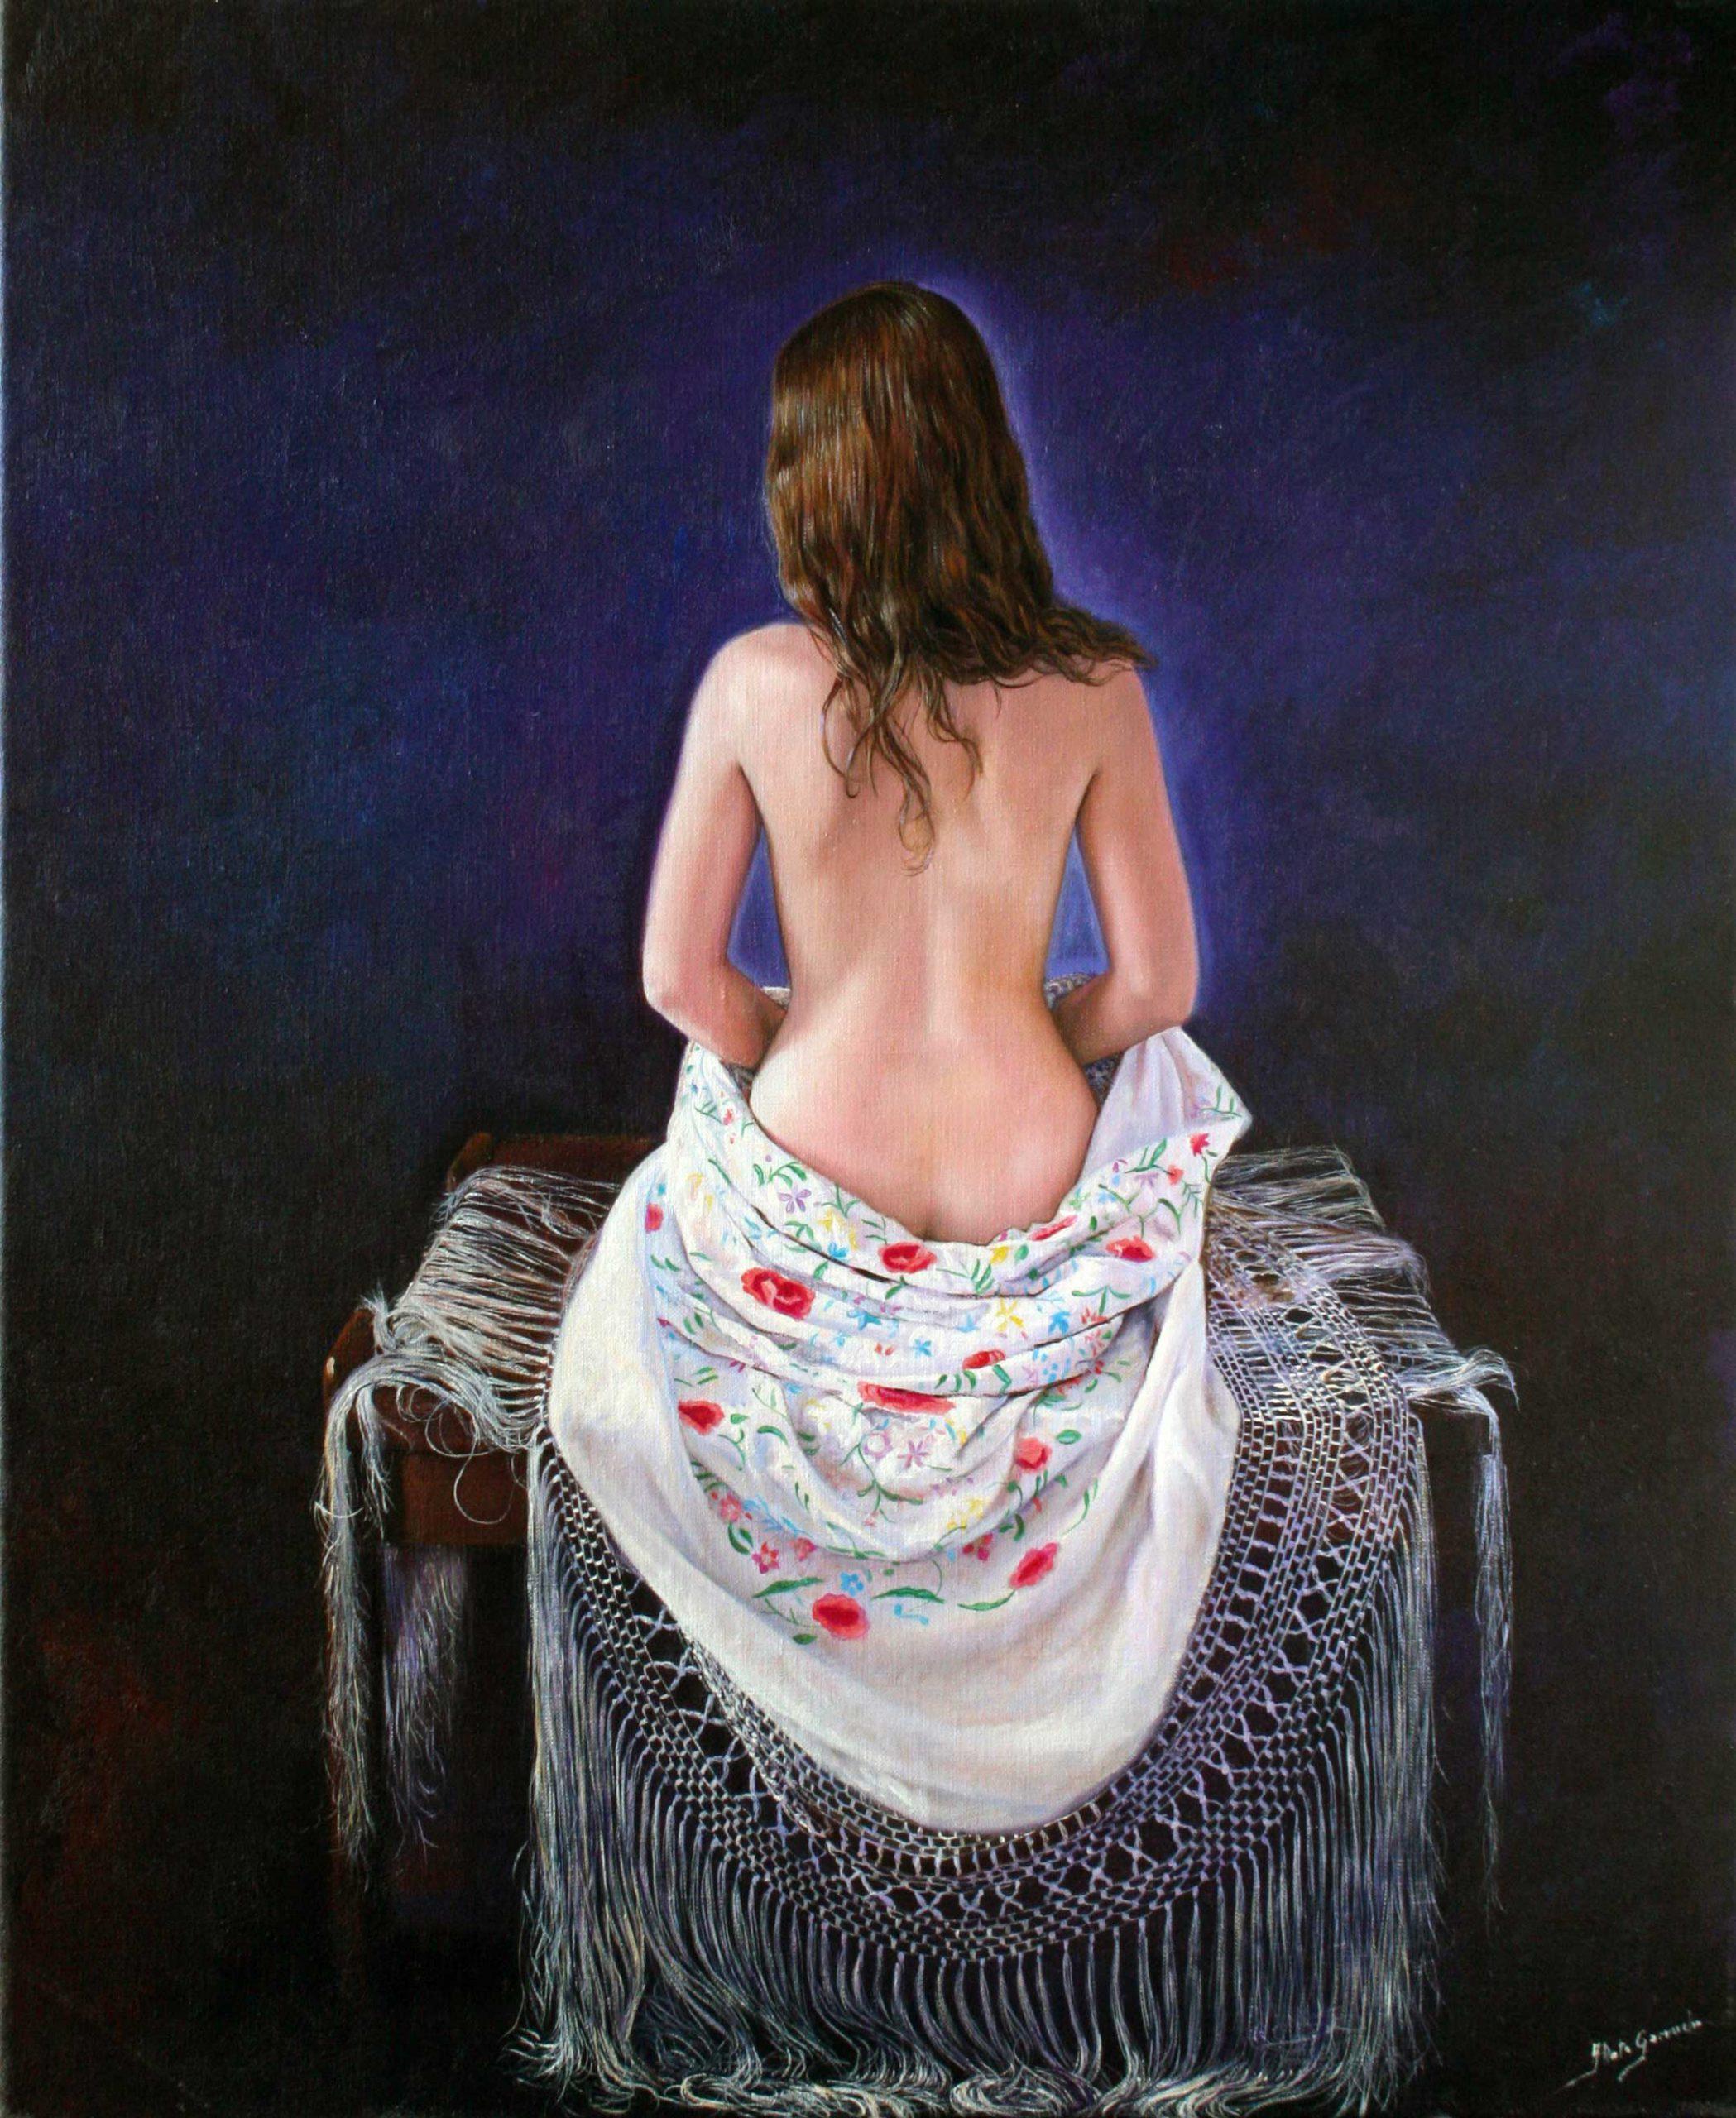 La espalda con mantón blanco